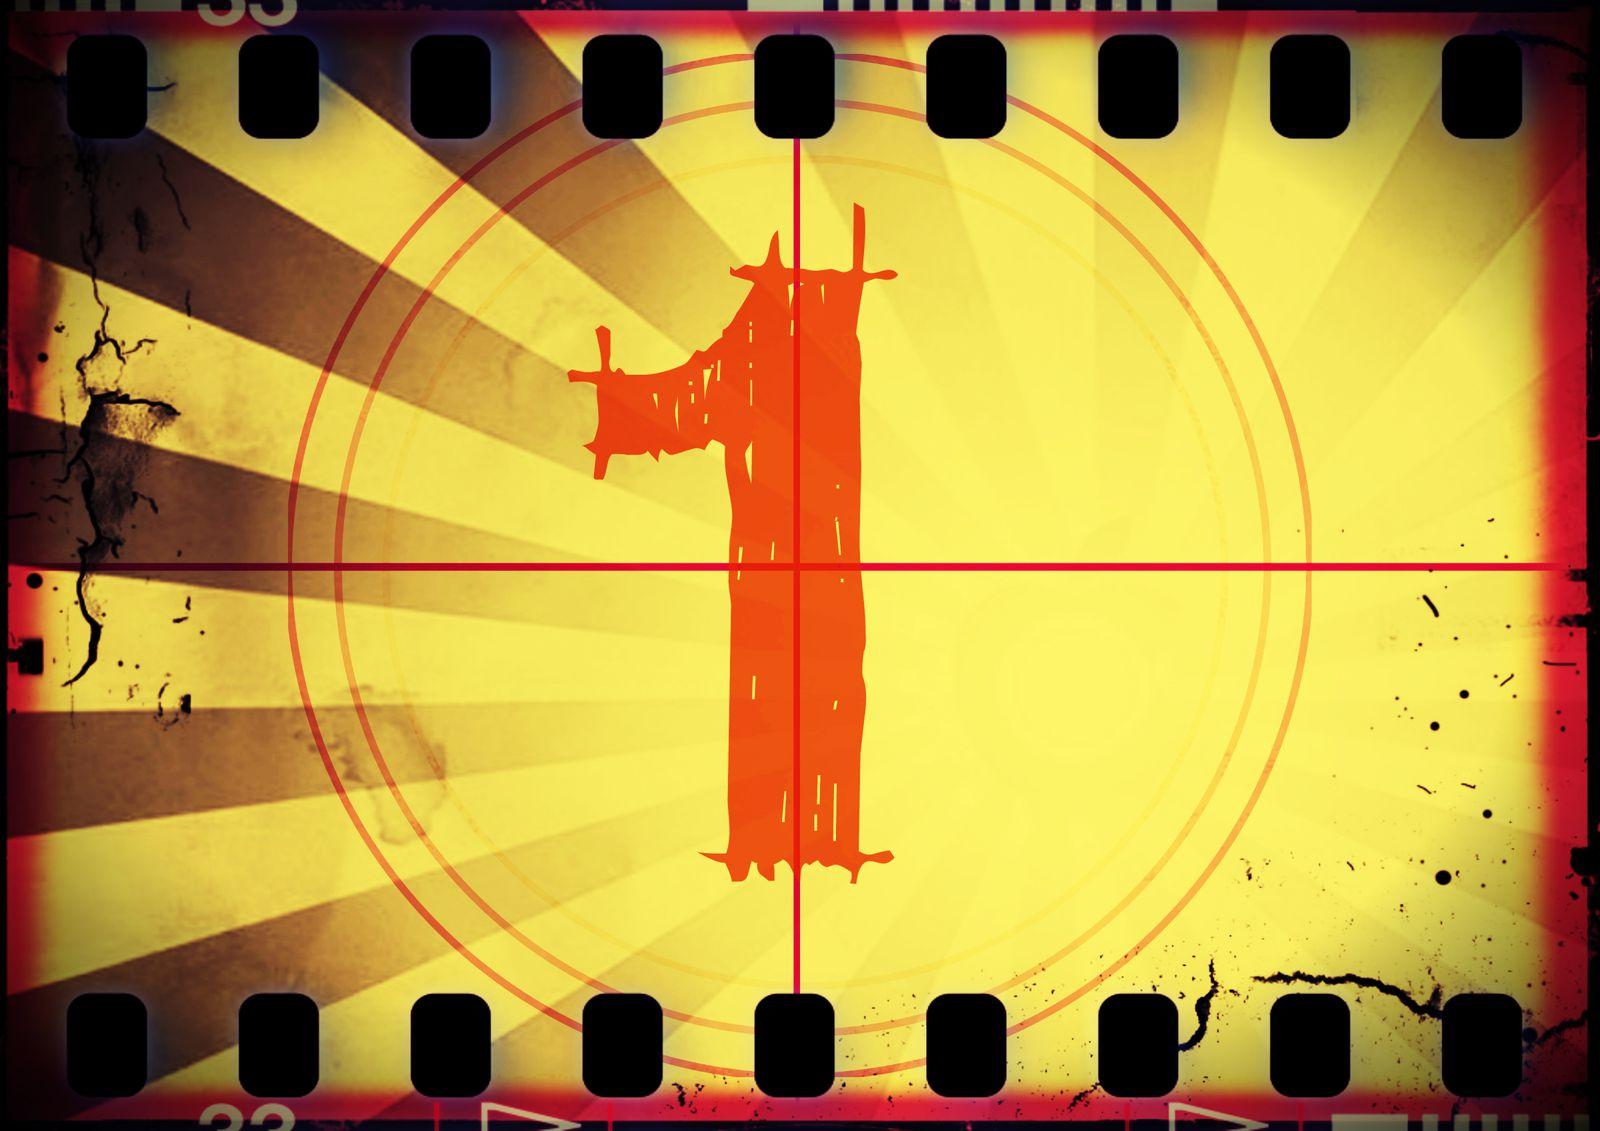 http://img.over-blog-kiwi.com/0/79/17/43/201311/ob_352d5c2367ab59aa3a0400fe687424fa_reboursnew1.jpg